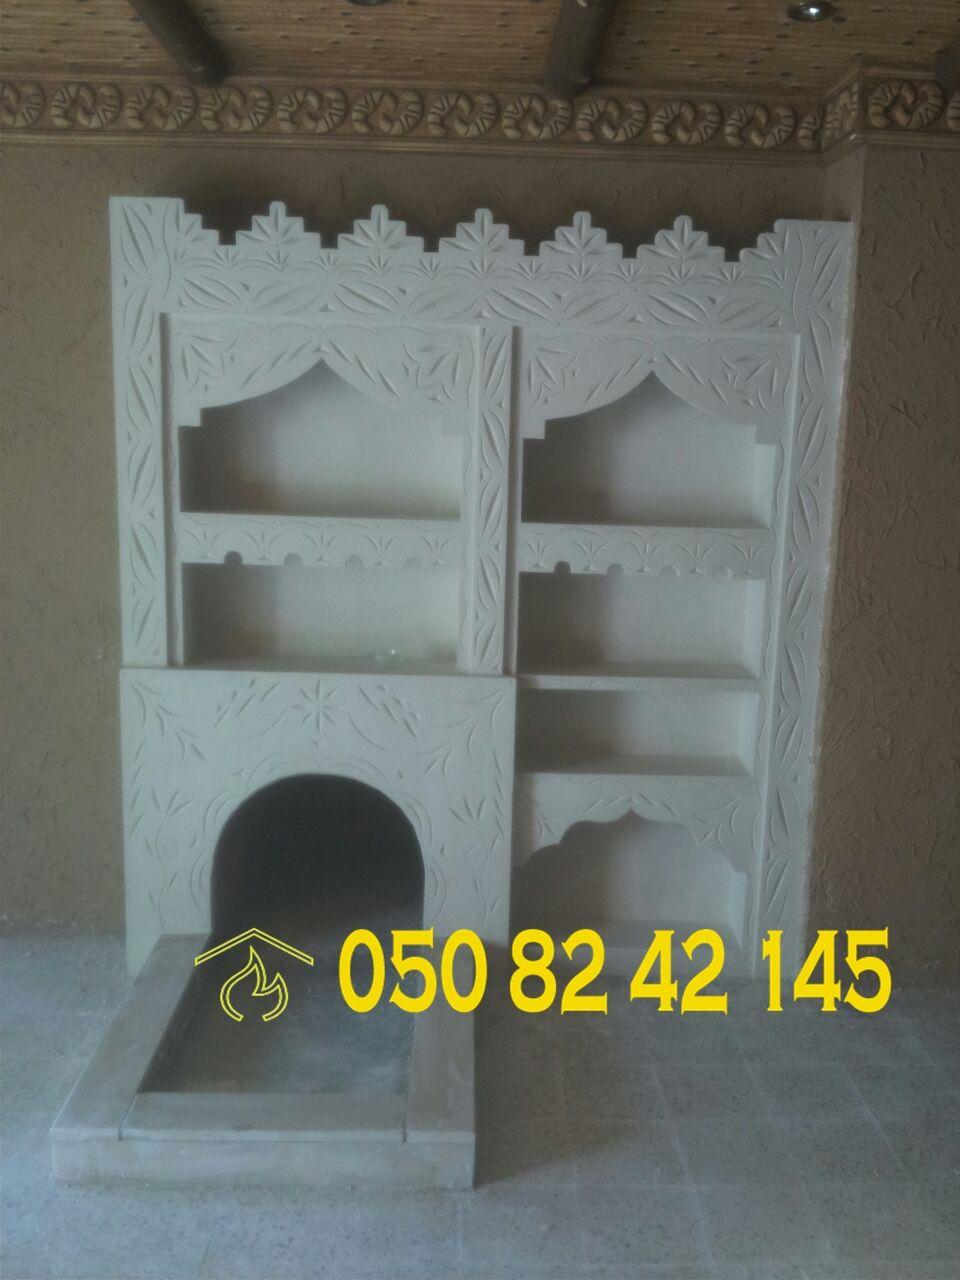 صور مشبات مشبات جبس مشب جبس دبكورات جبس احداث ديكورات جبس اجمل مشبات جبس Decor Home Decor Bookcase